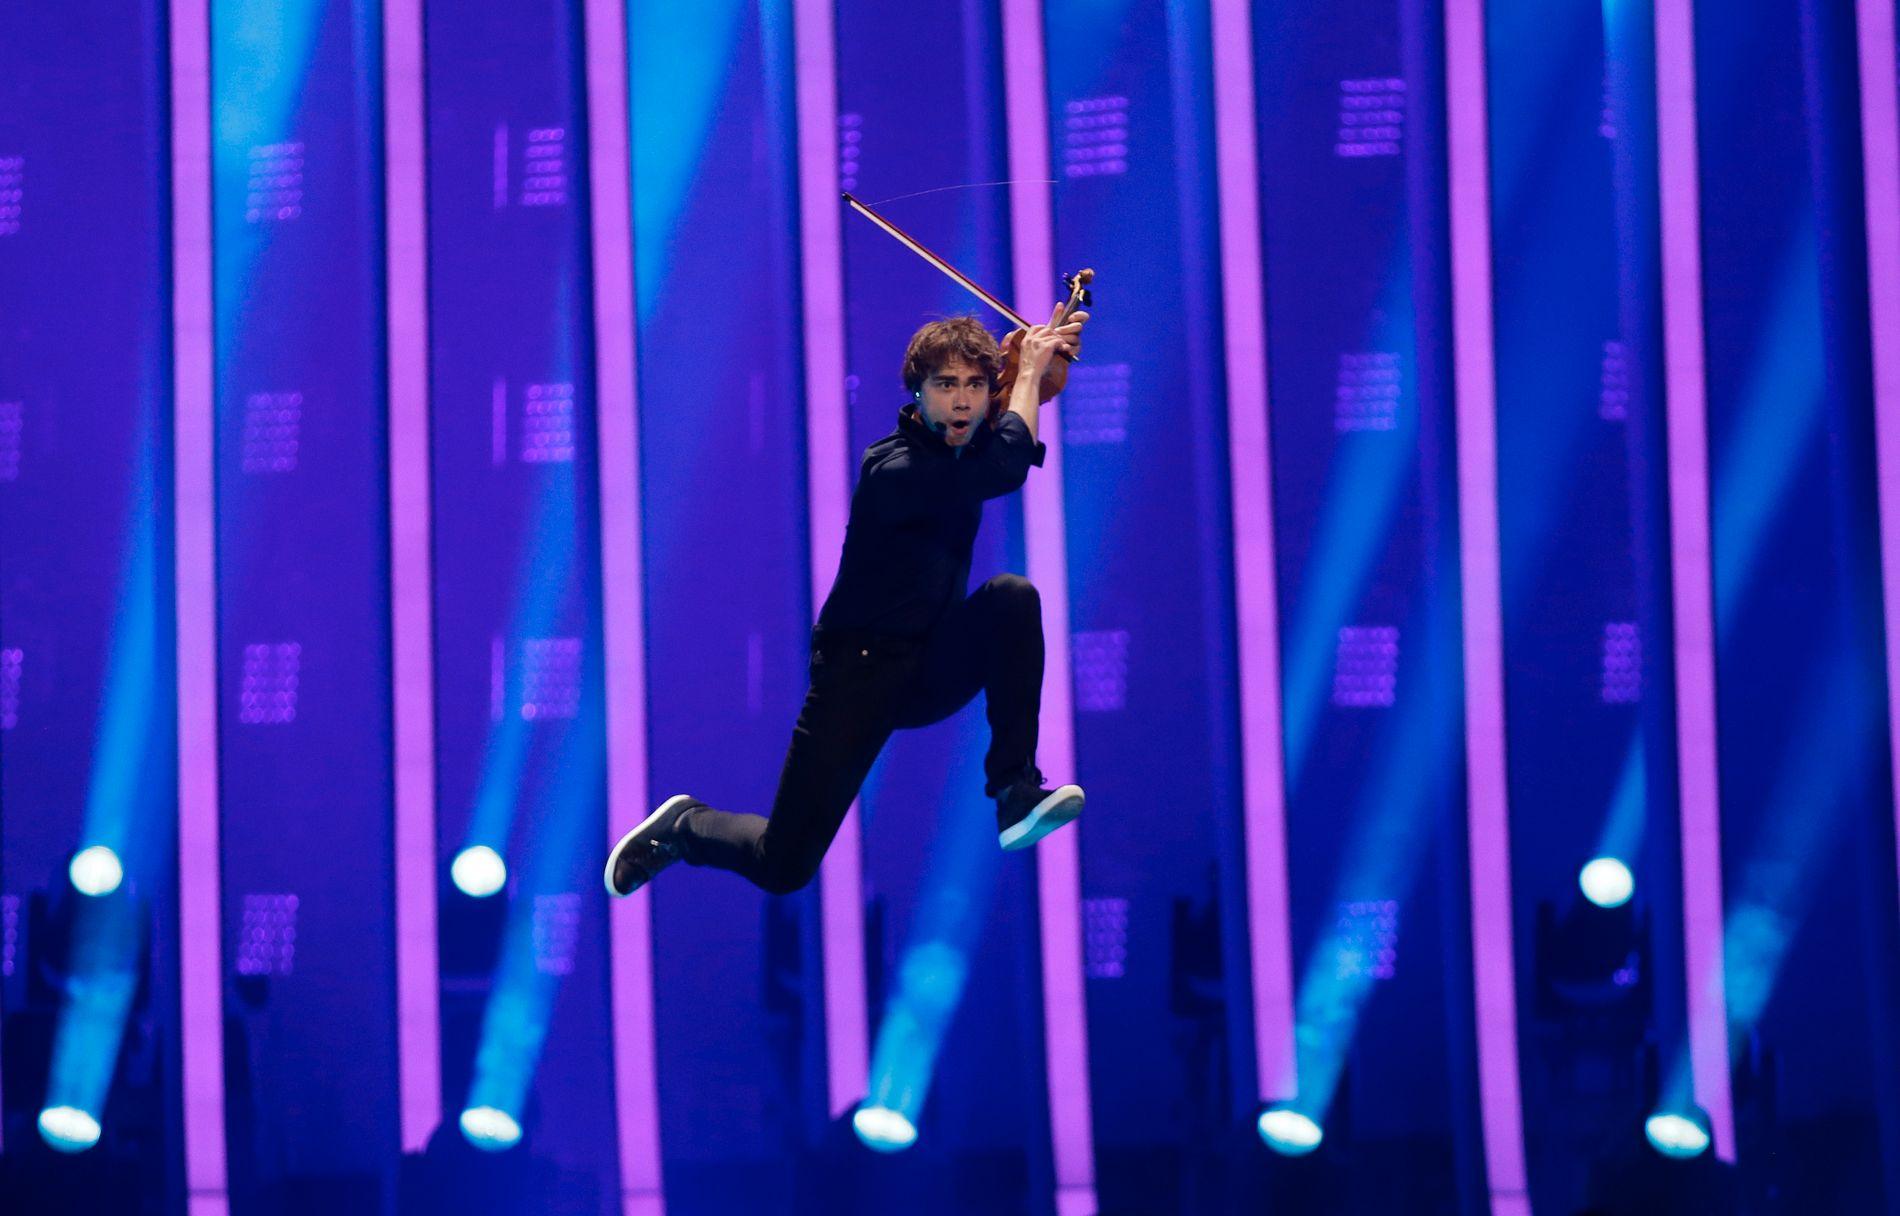 PÅ SCENEN: Alexander Rybak i aksjon i finalen lørdag.